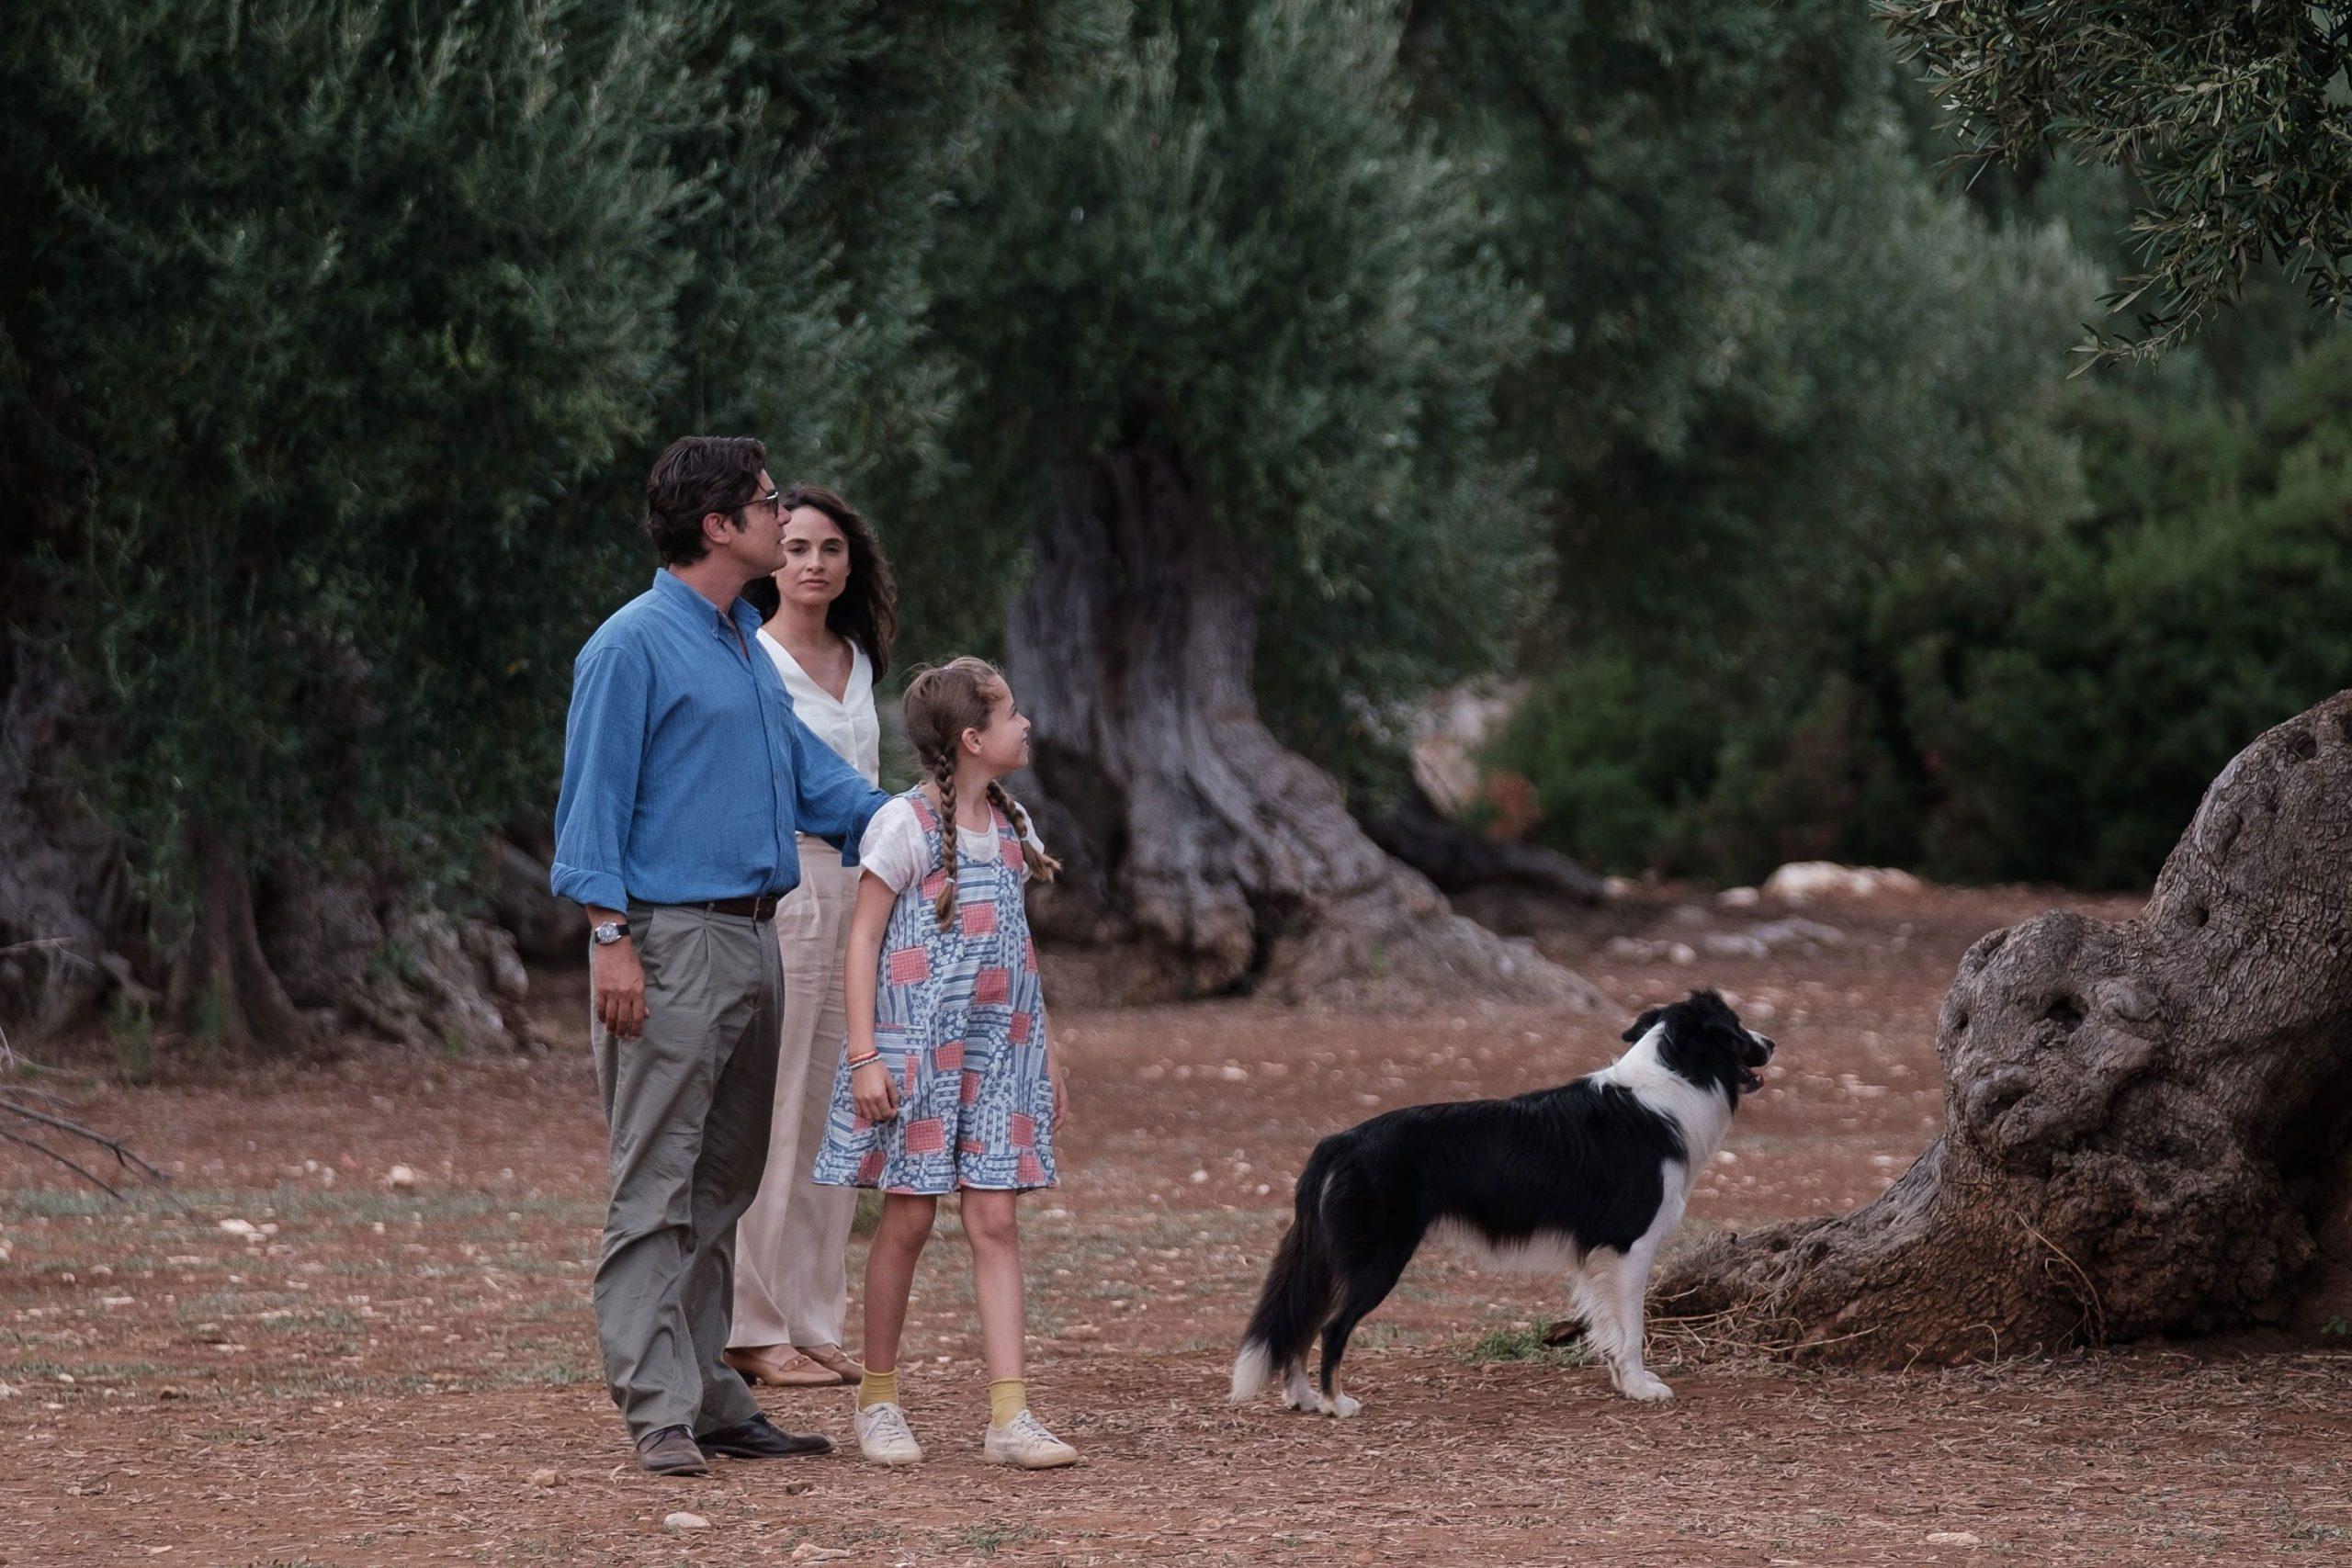 Il legame: Riccardo Scamarcio in una scena del film